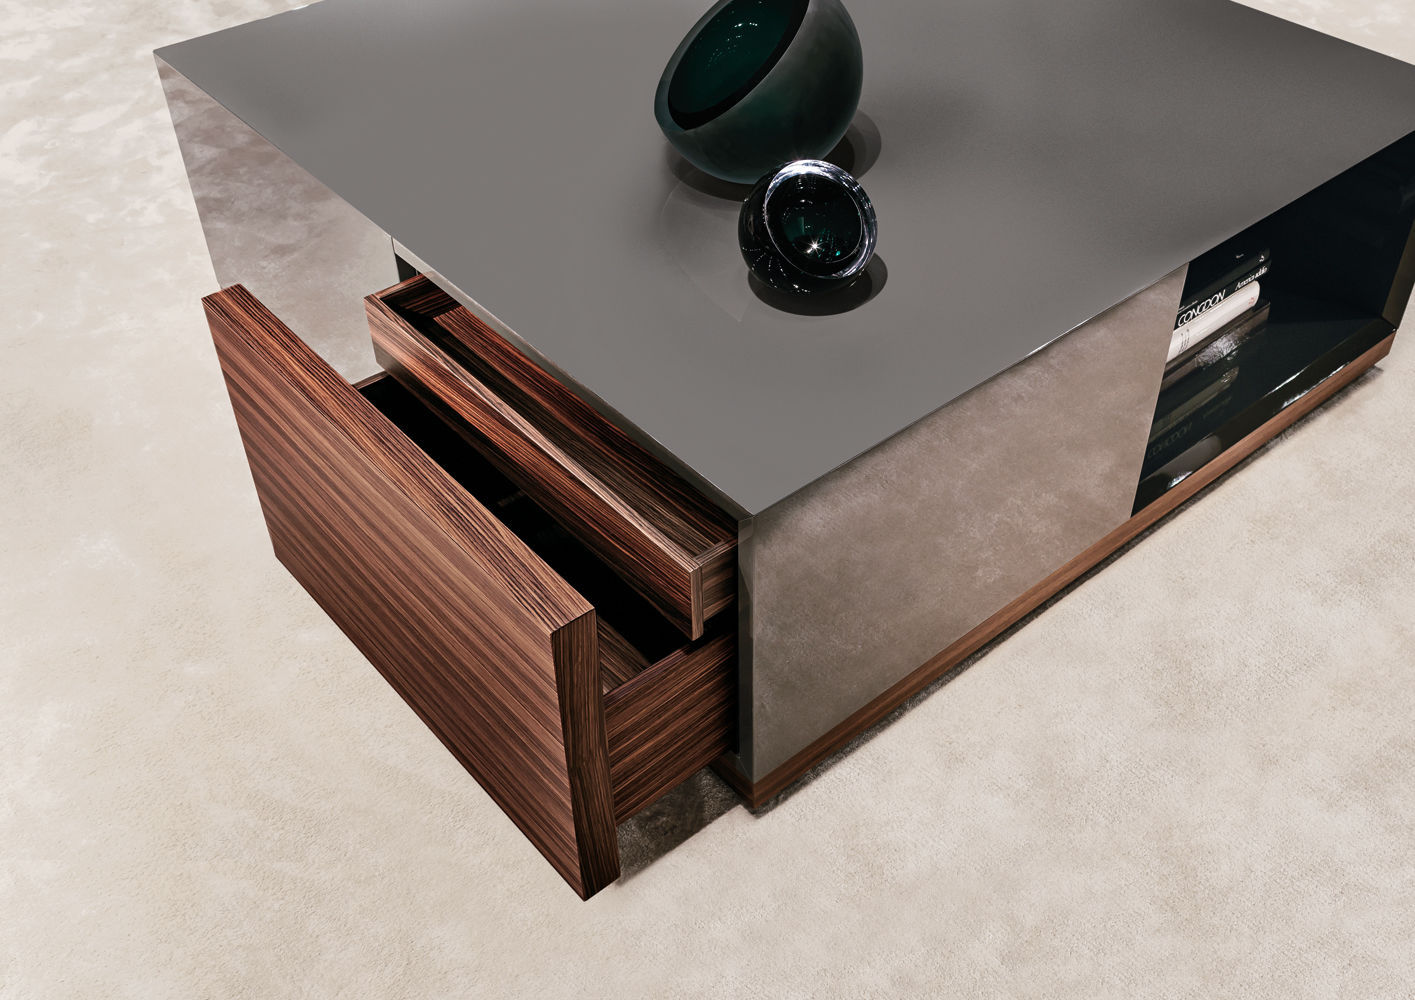 Table basse carr e avec rangement design en image for Table basse design avec rangement